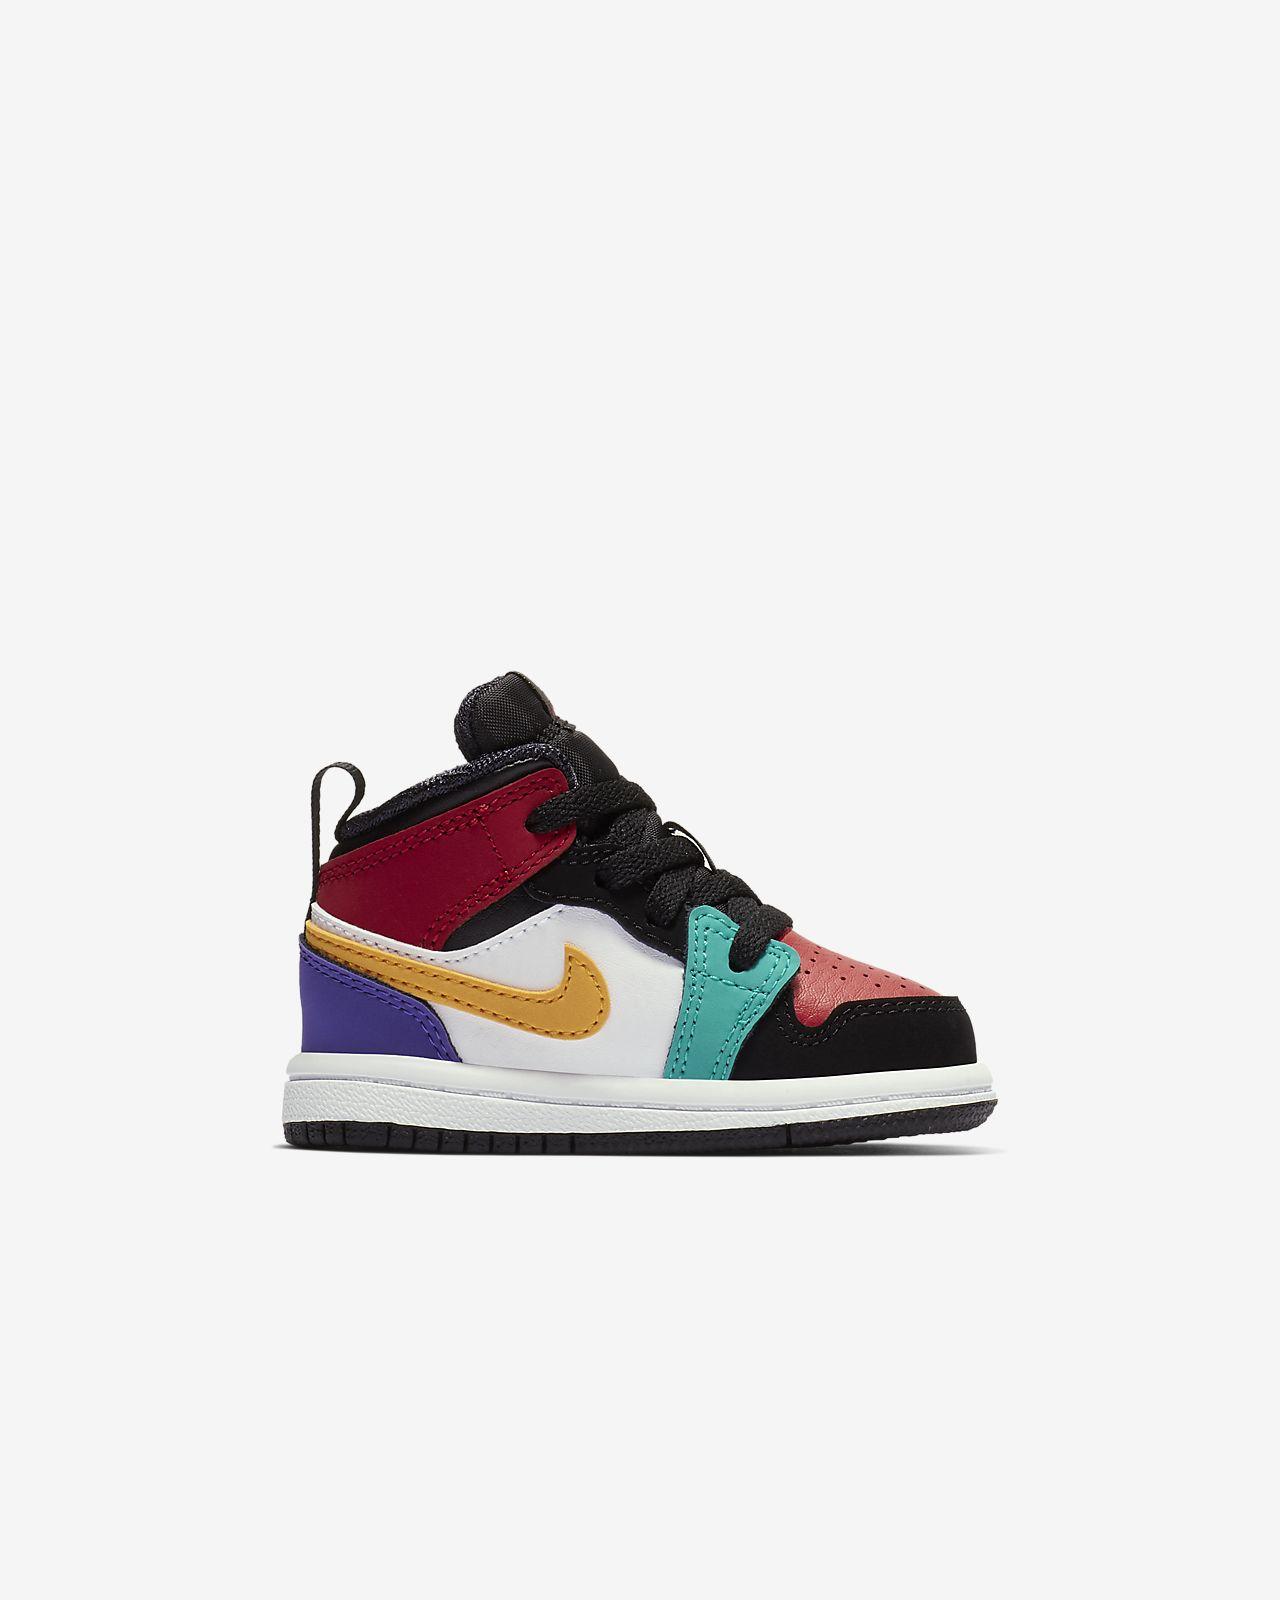 5cc289ec7a5 Air Jordan 1 Mid Infant Toddler Shoe. Nike.com